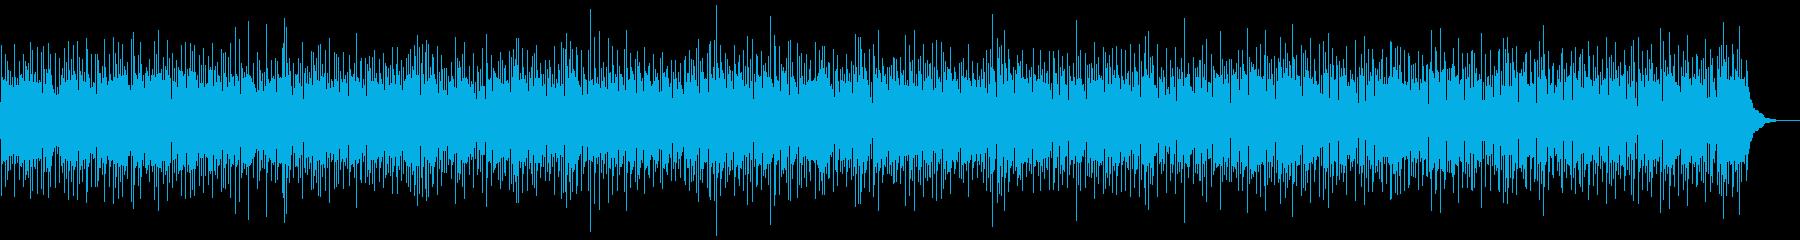 ほのぼのとしたカントリー調バラードの再生済みの波形